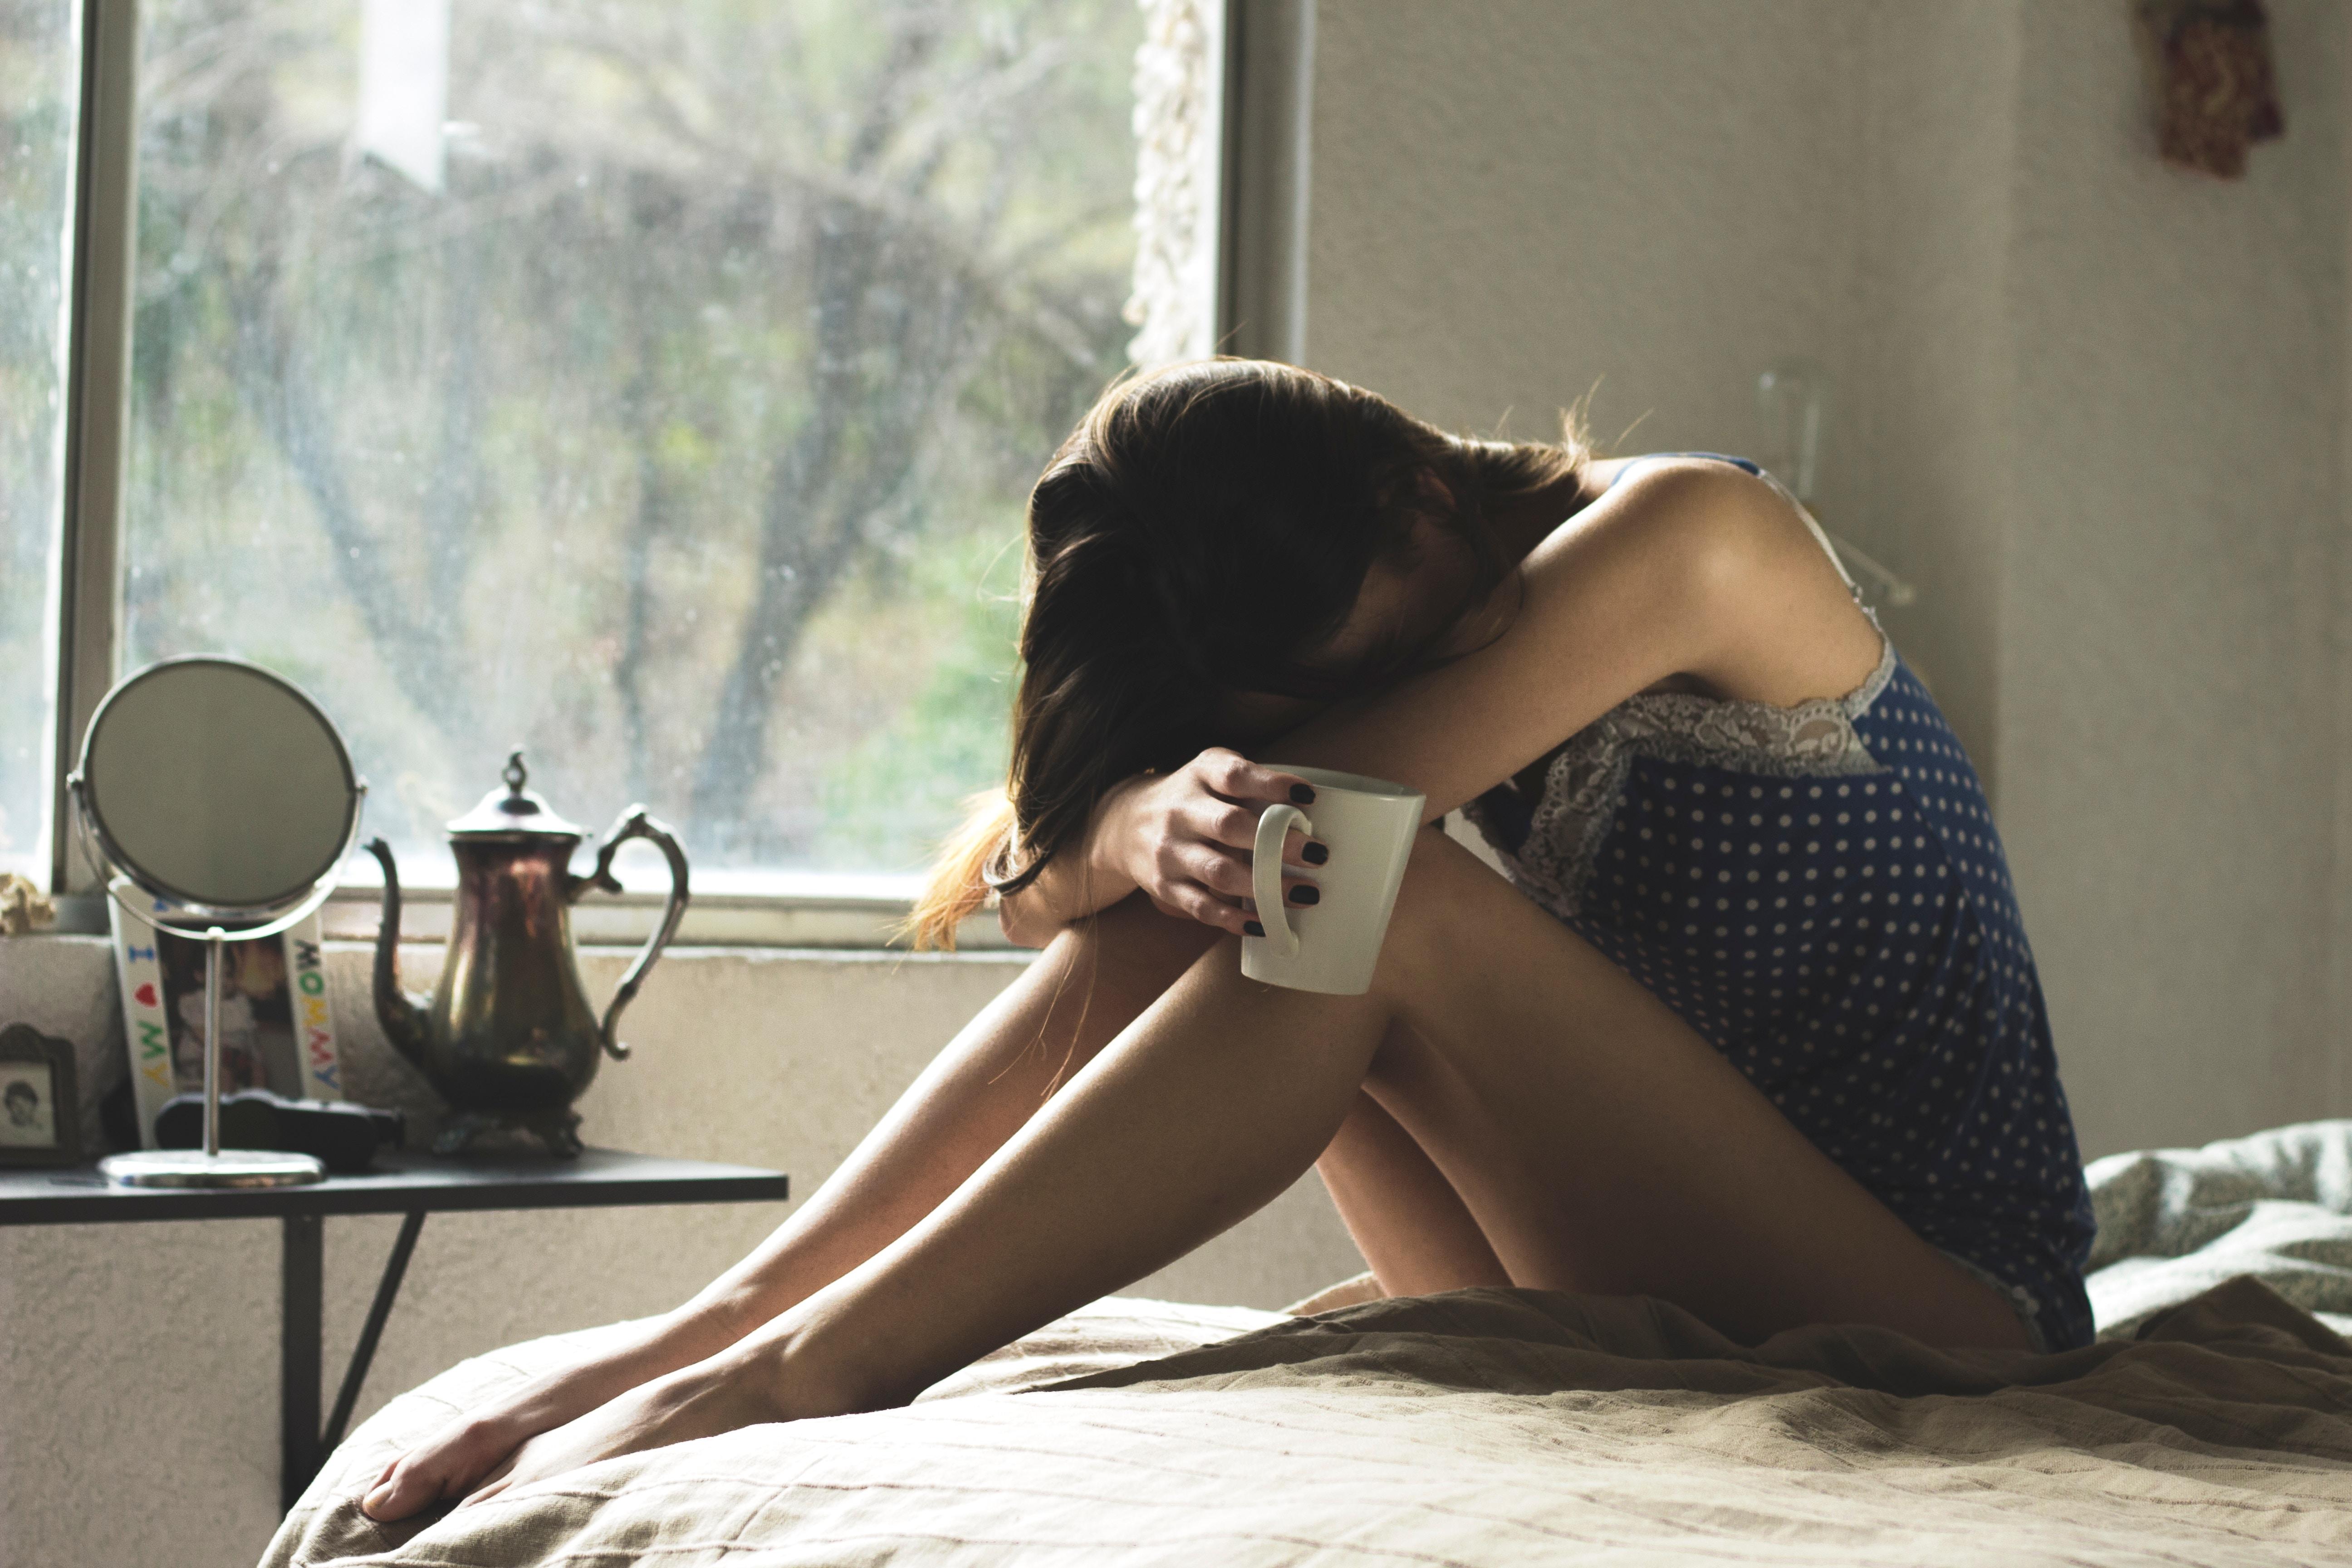 jeune fille tête baissée sur ses genoux, prostrée, dans une attitude de burn-out étudiant